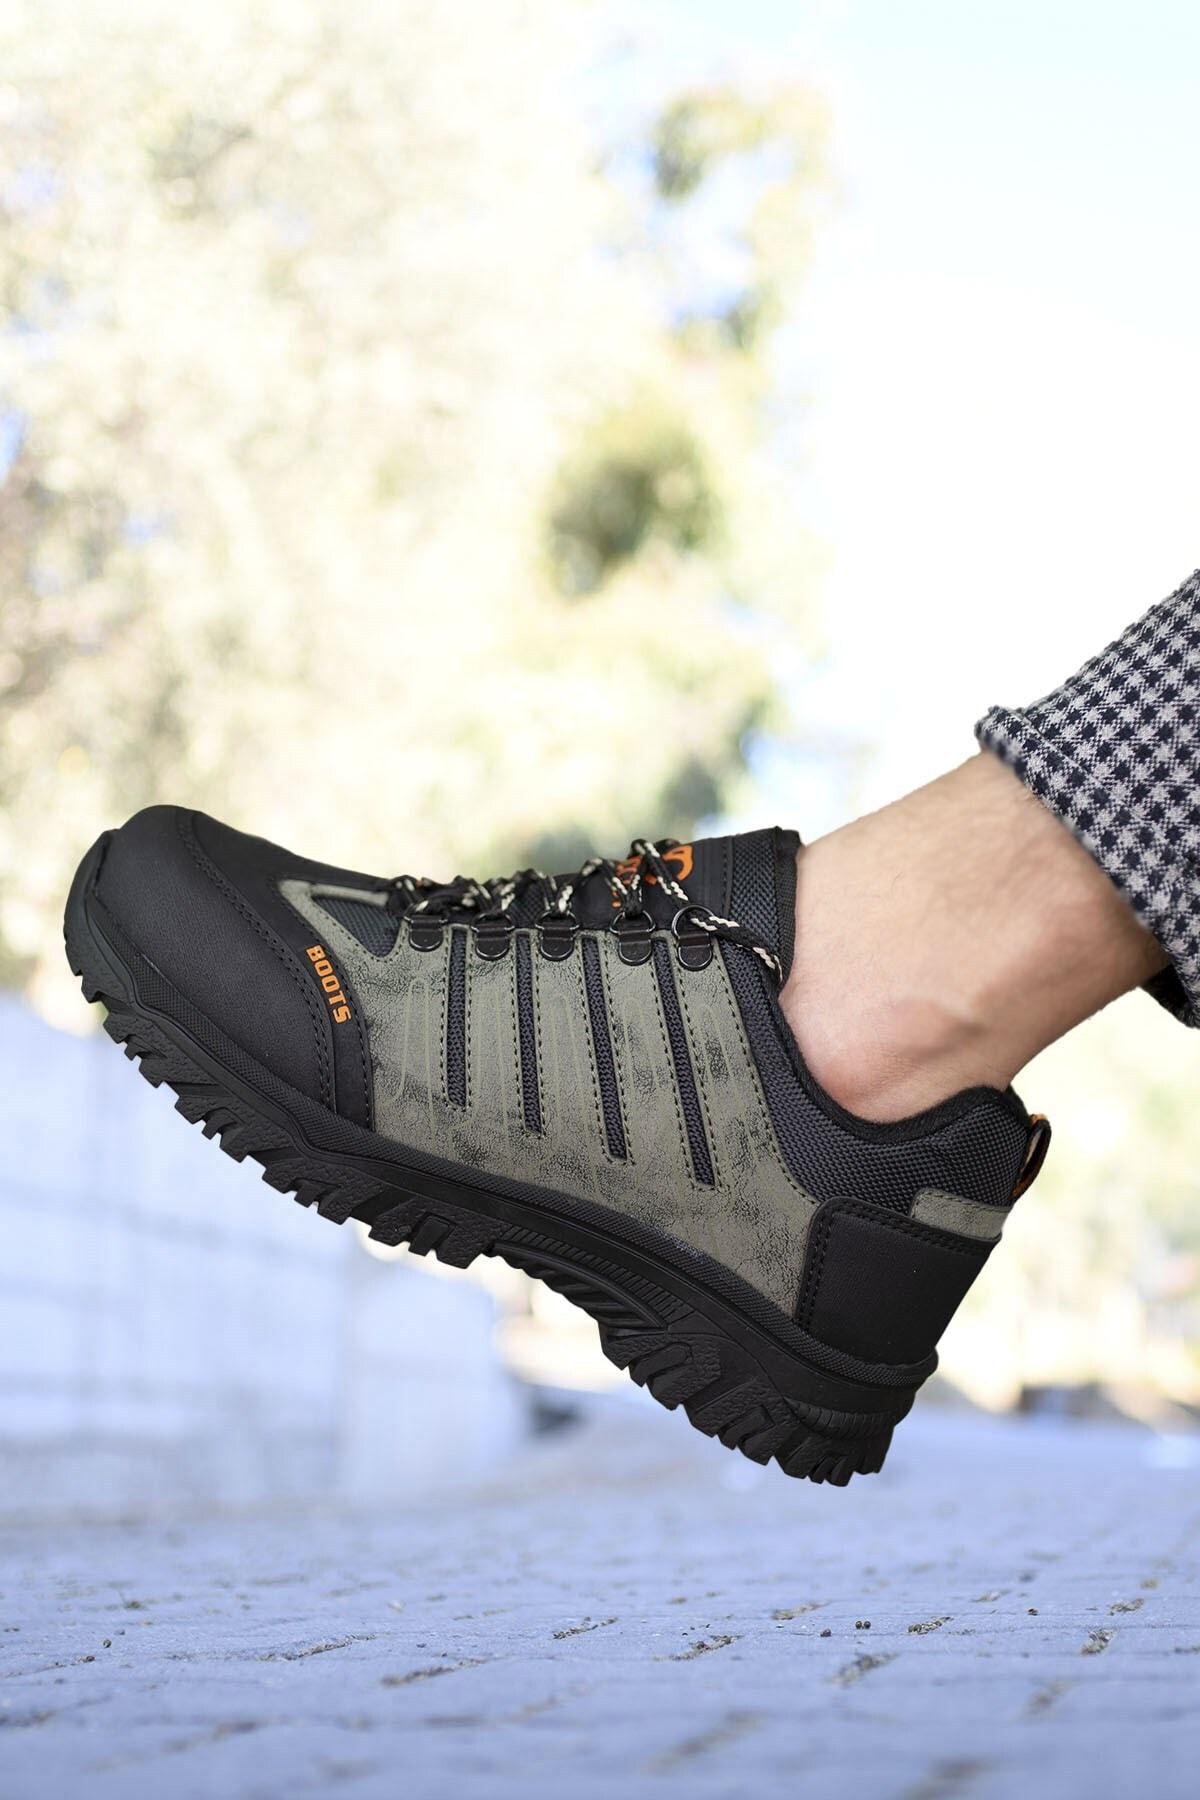 Riccon Haki Siyah Erkek Trekking Ayakkabı 0012115 1